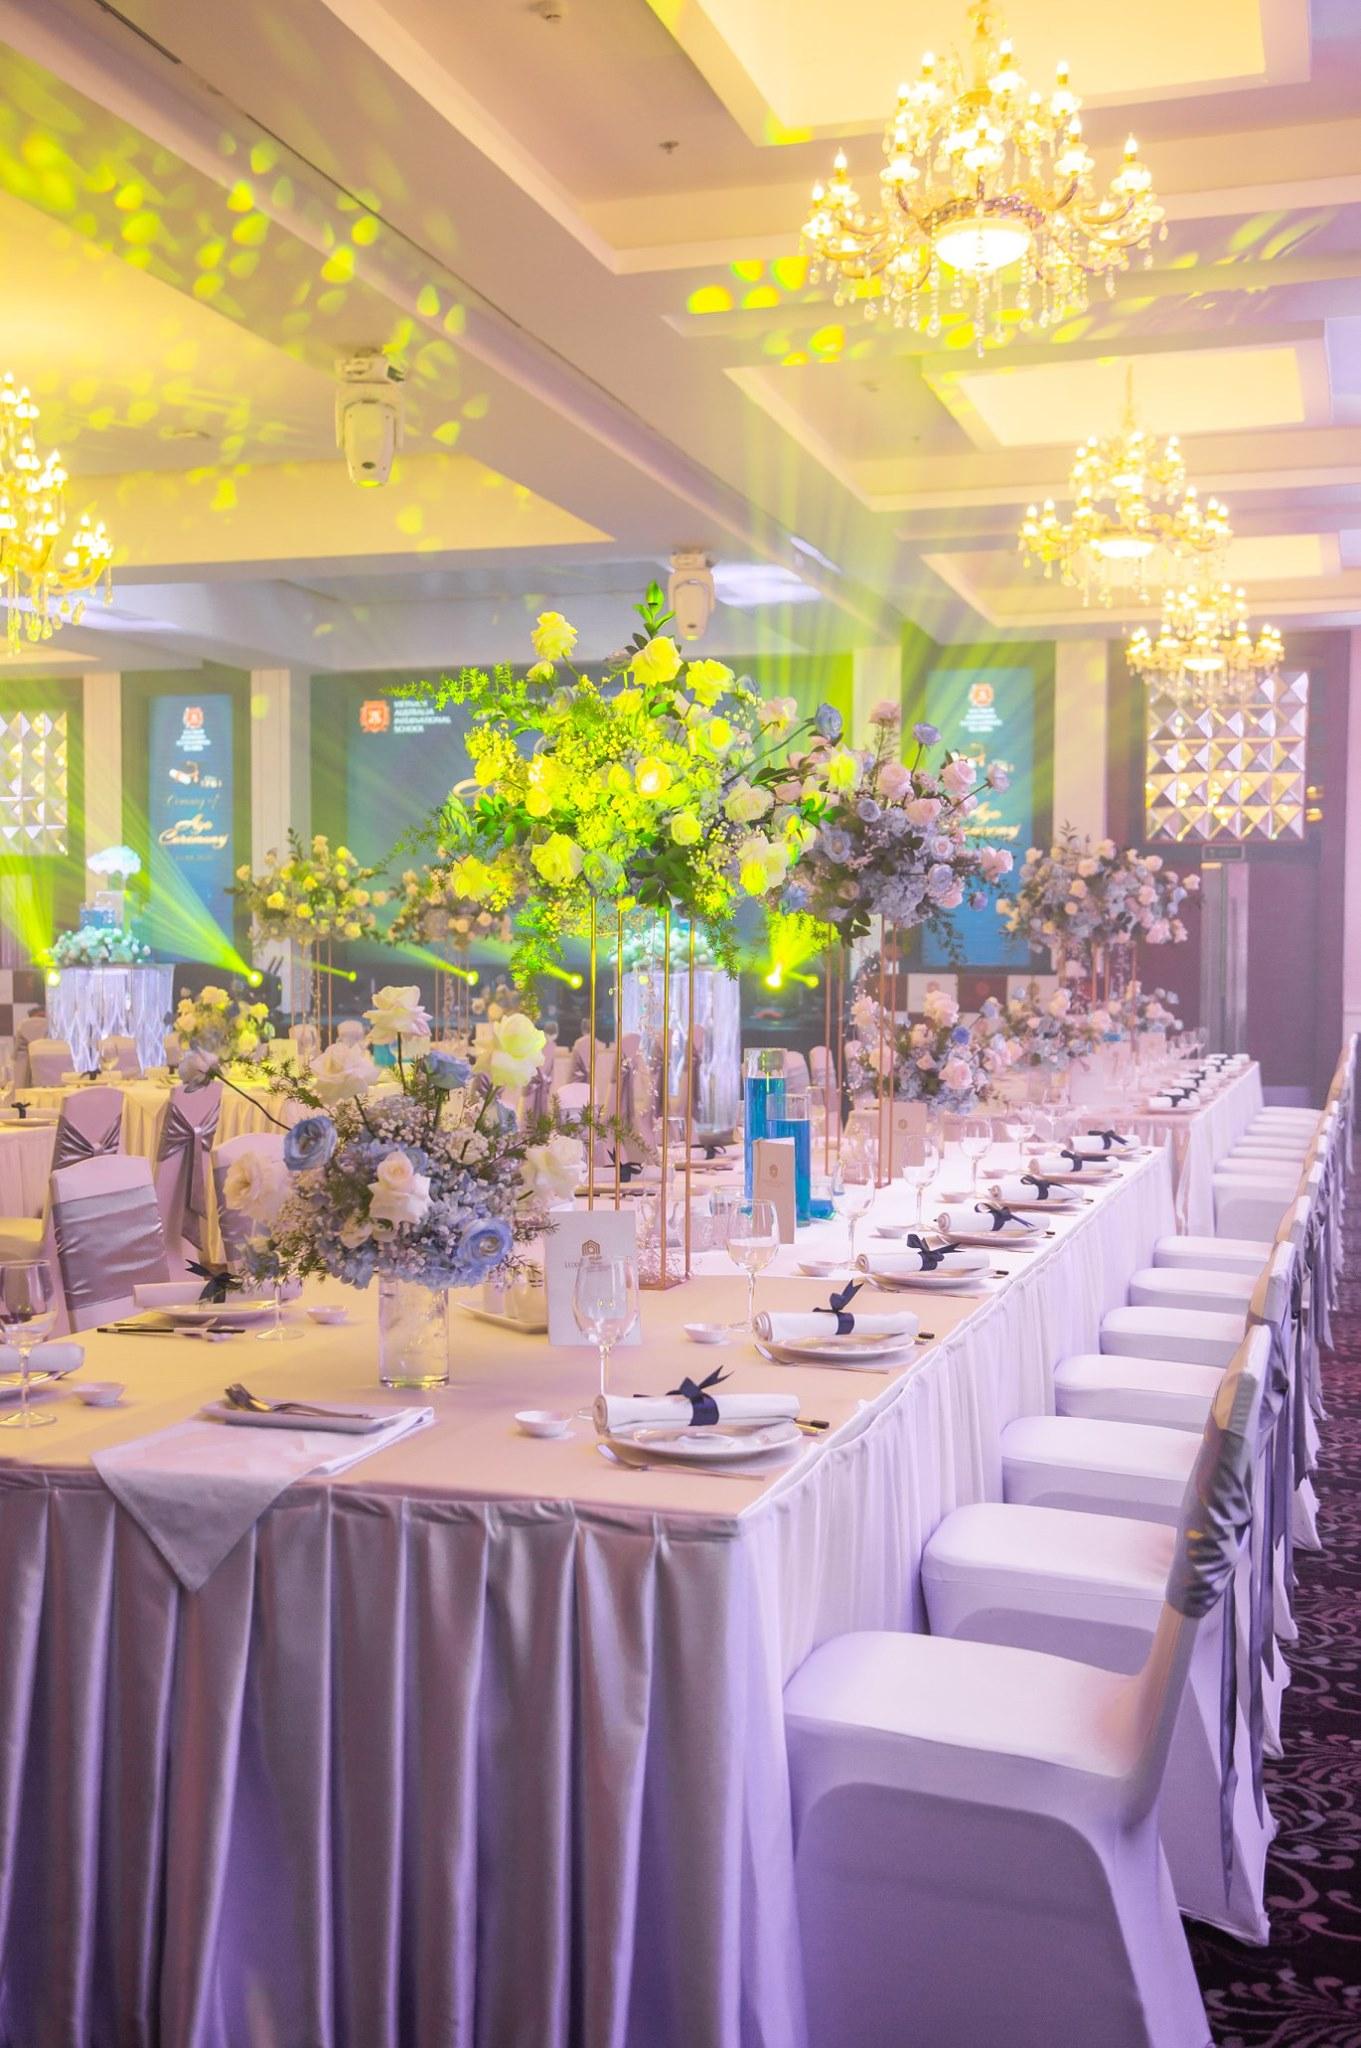 Sảnh Tiệc Cưới Nhà Hàng Luxury Palace Gò Vấp